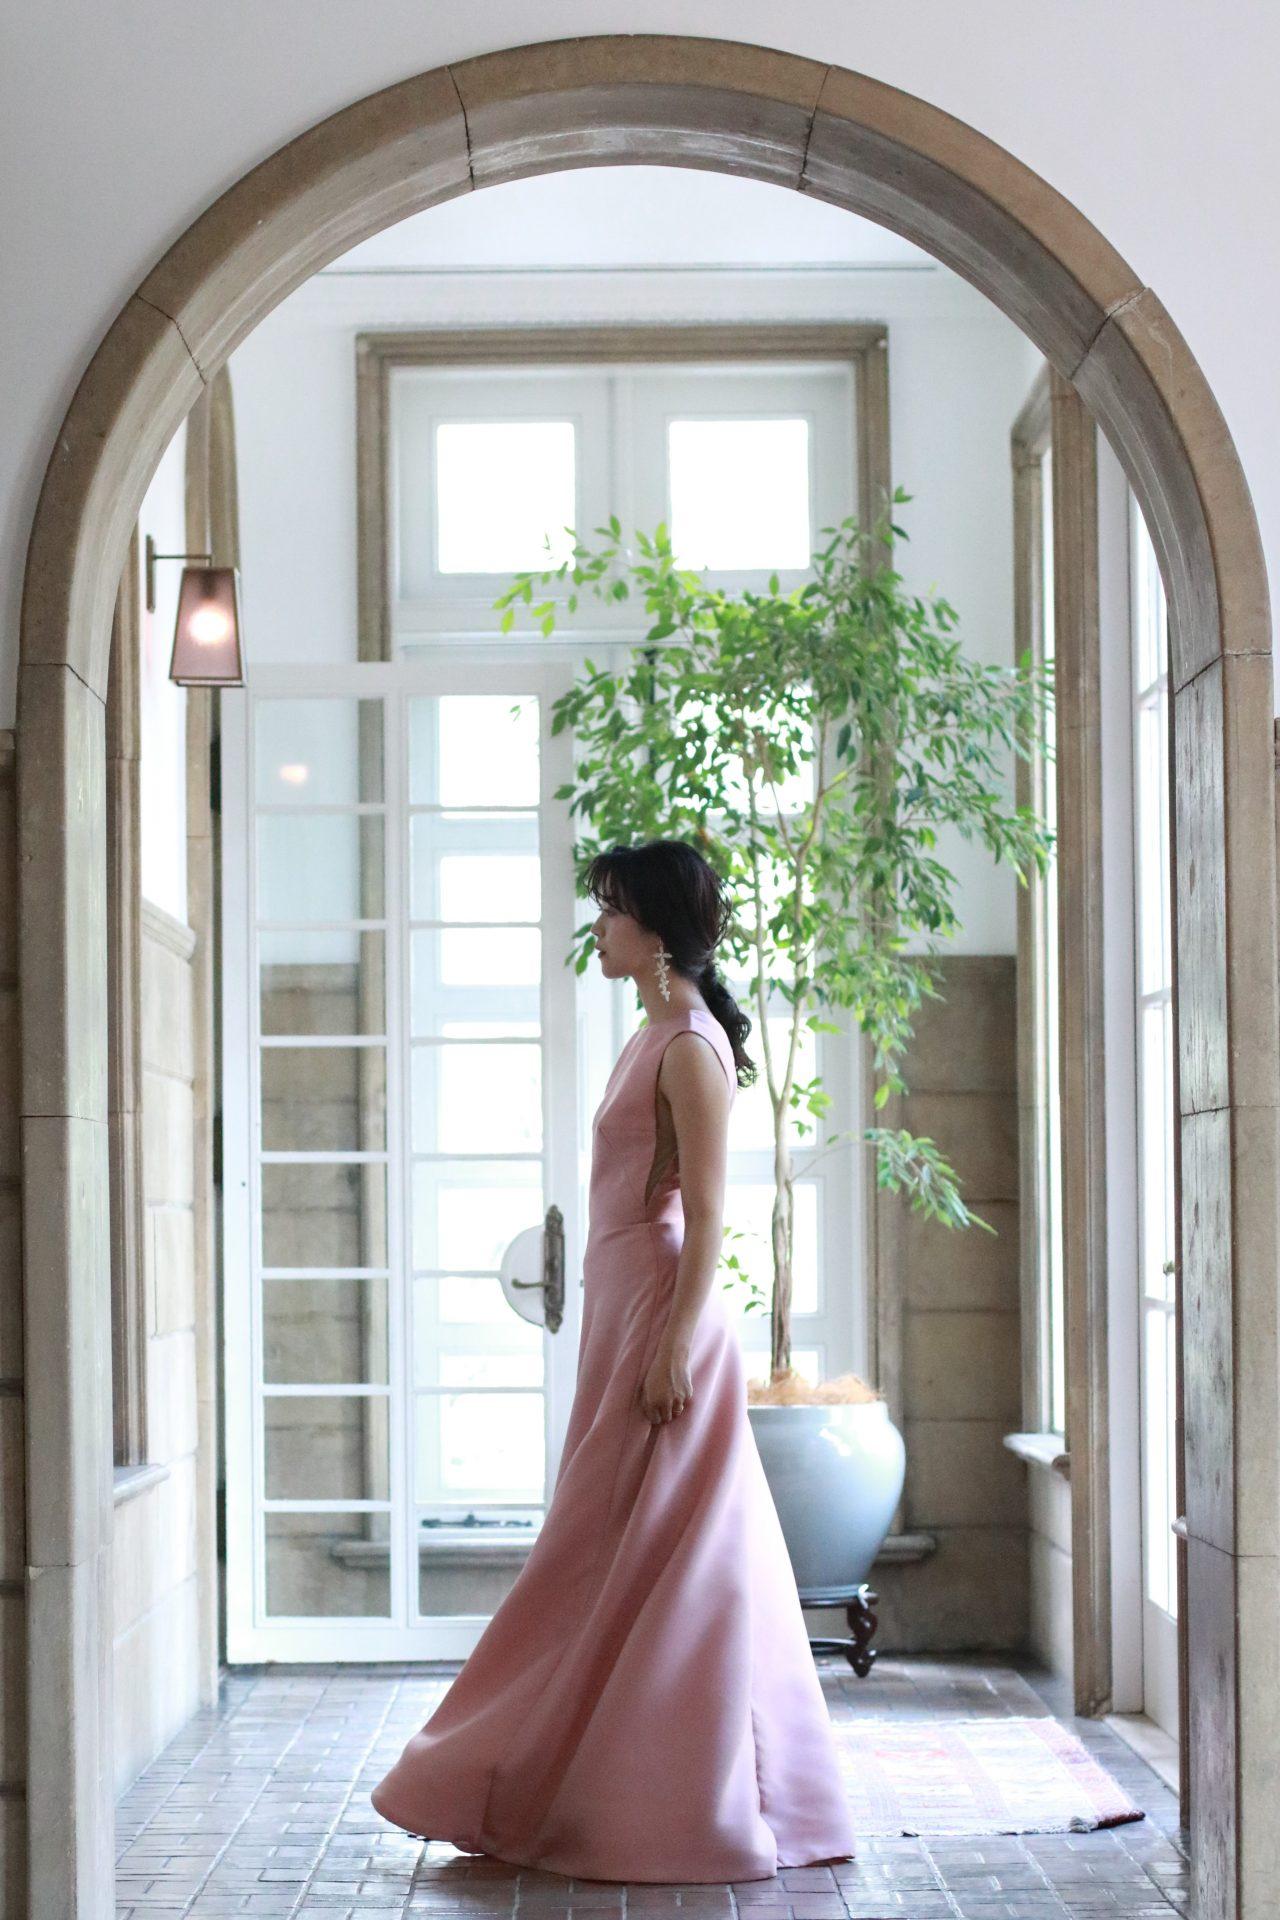 THETREATDRESSINGアディション店の提携会場である赤坂プリンスクラシックハウスの趣のあるチャペルや披露宴会場でも圧倒的な存在感を放つのは、自然な広がりが美しいAラインの大人なピンク色が素敵なカラードレスです